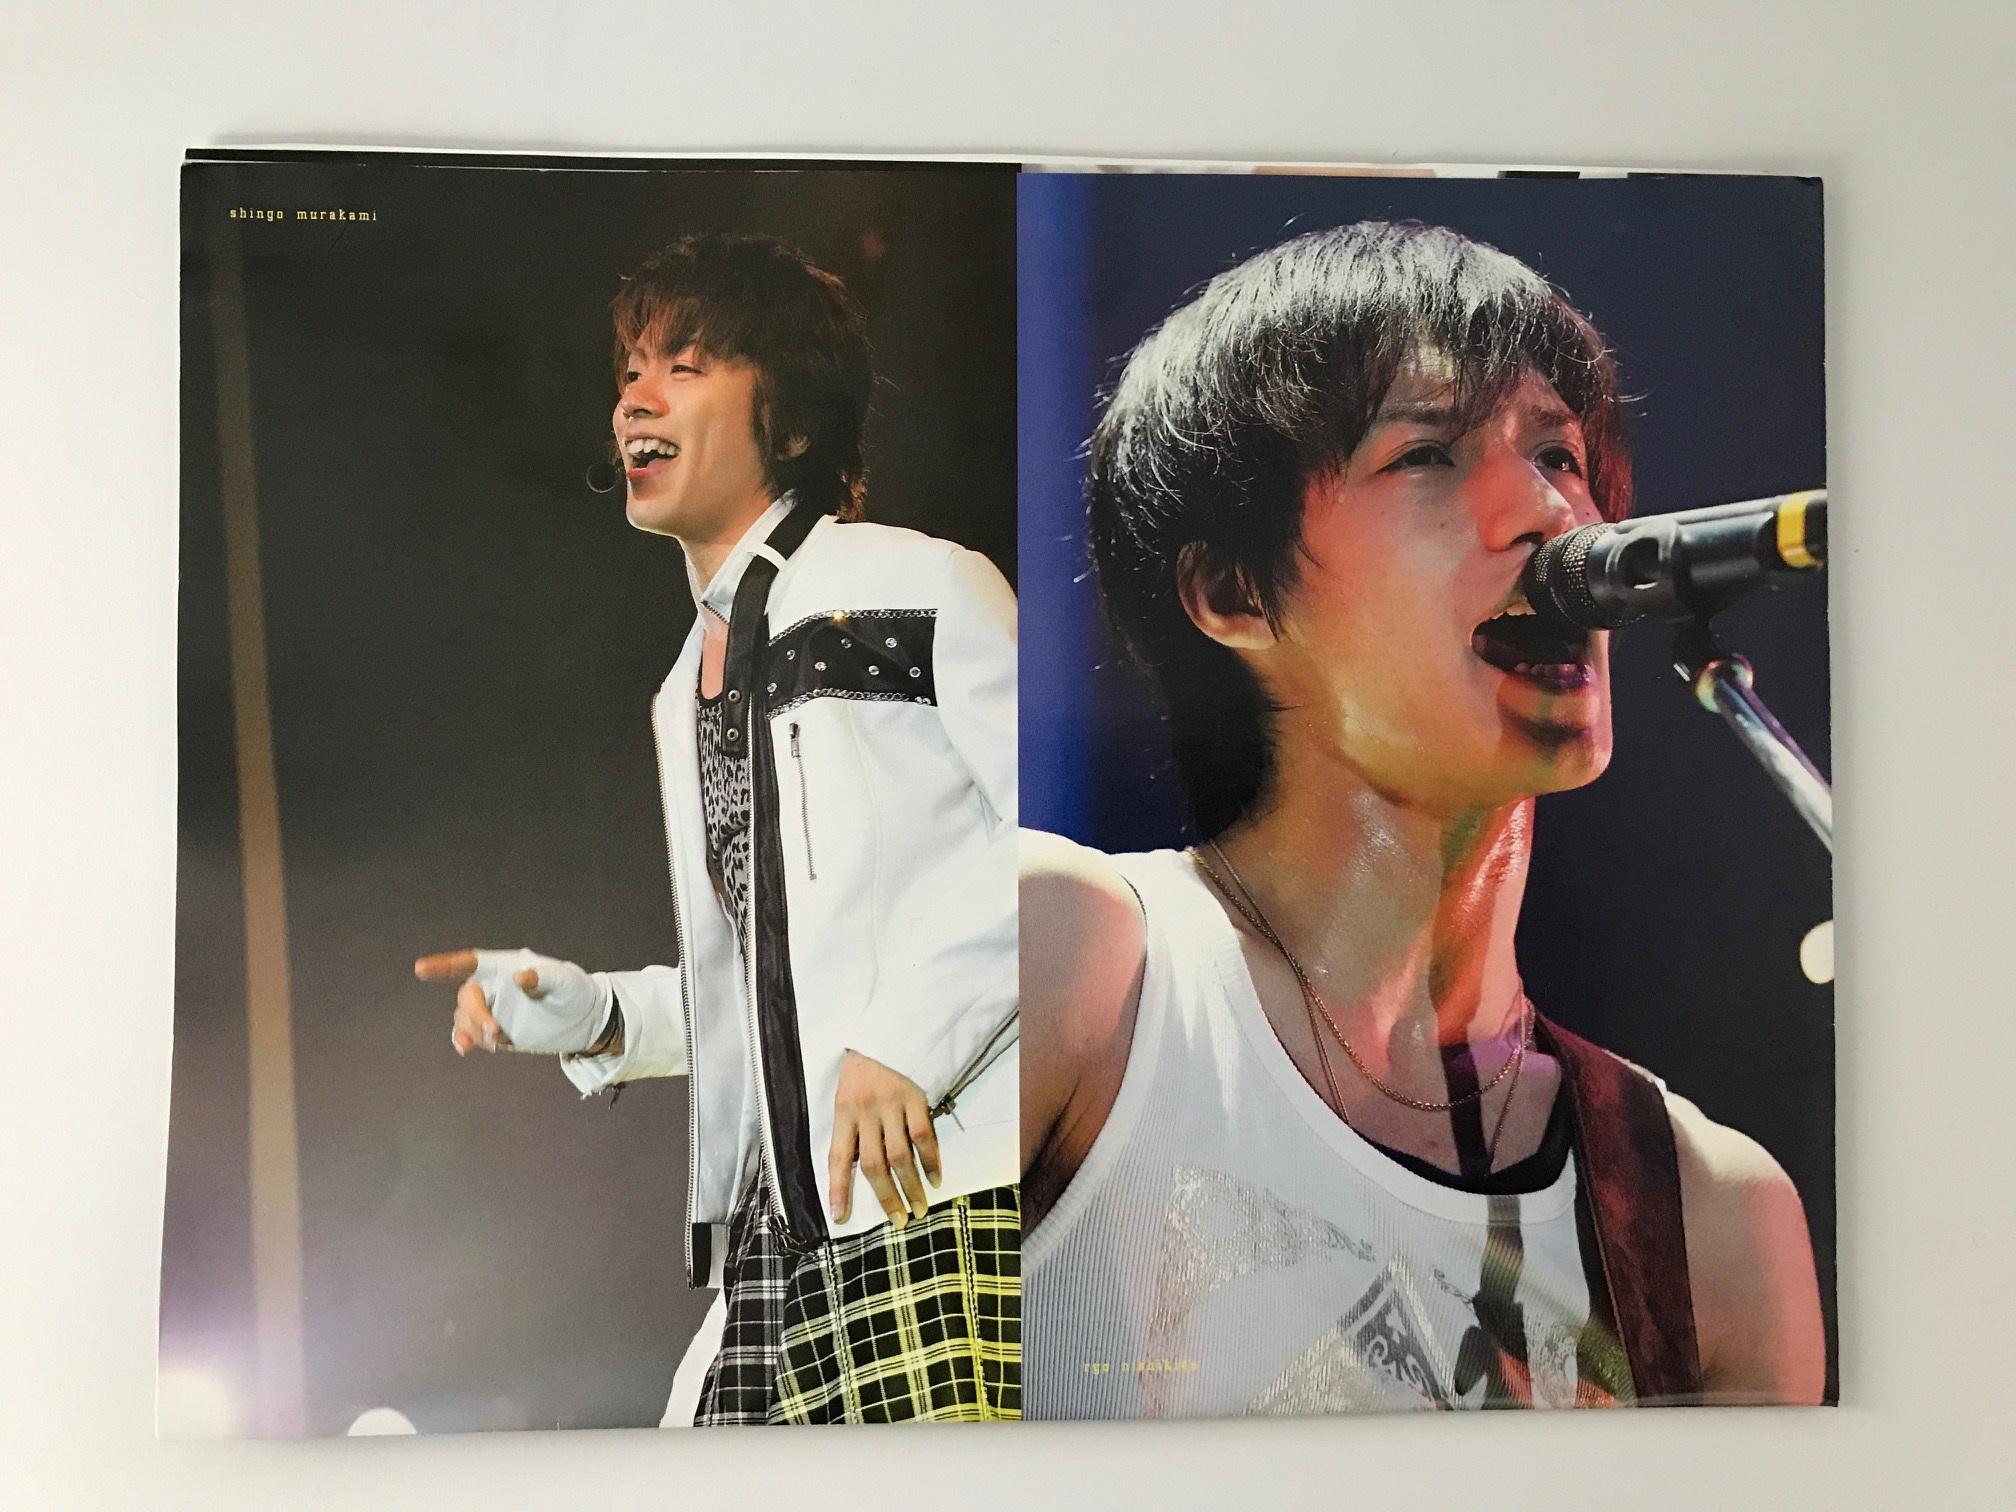 関ジャニのミニポスターの写真